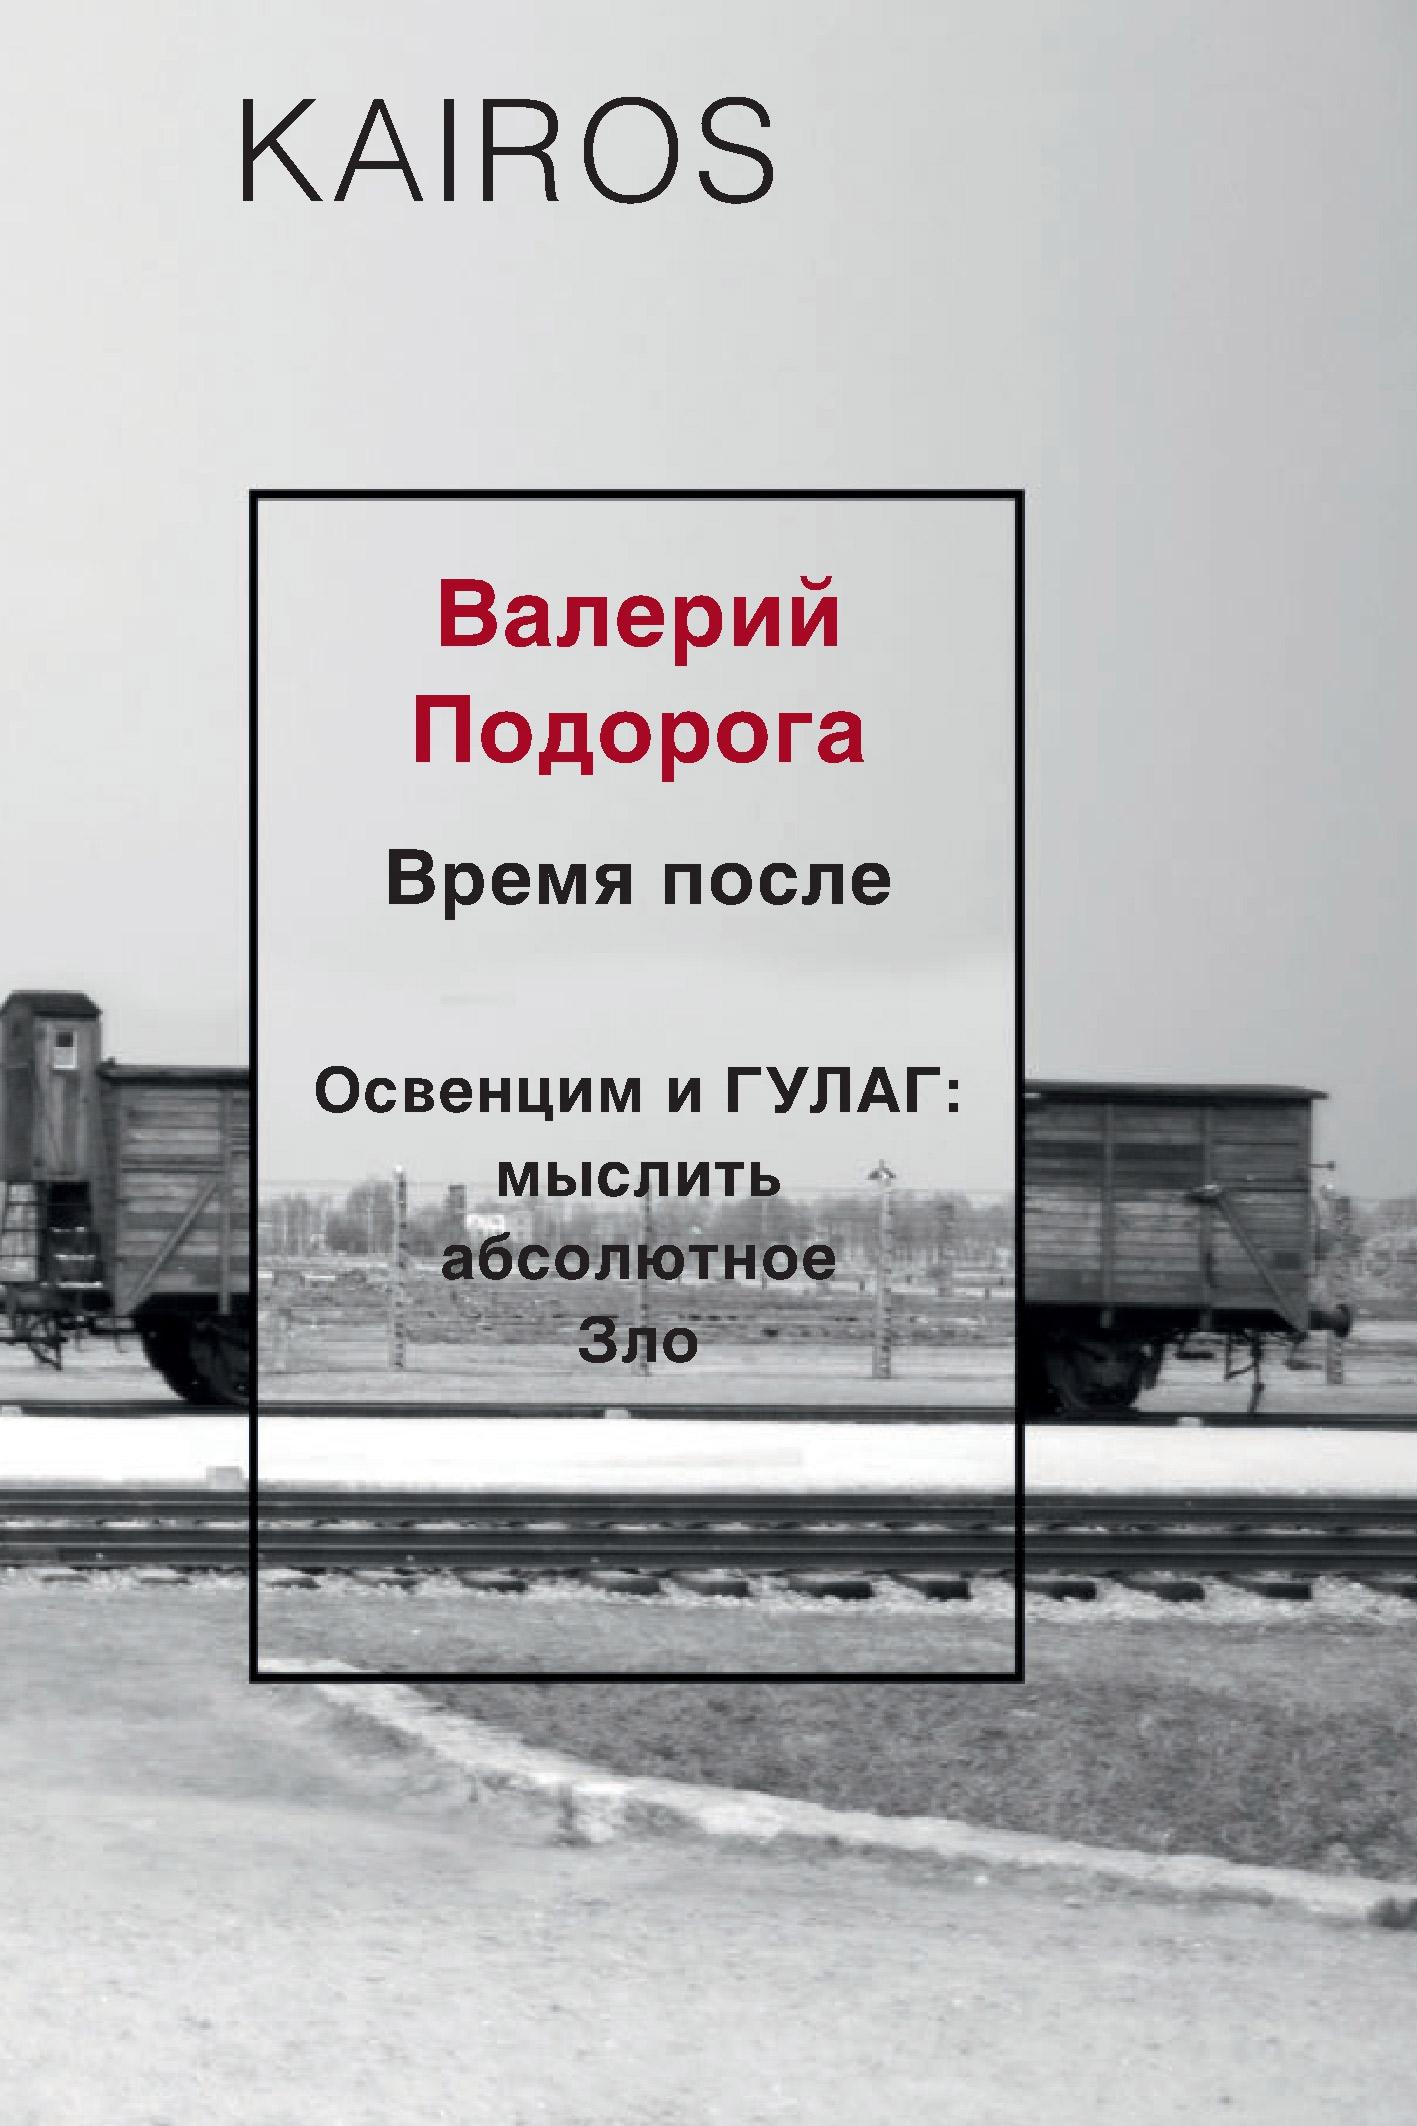 Время после. Освенцим и ГУЛАГ: мыслить абсолютное зло